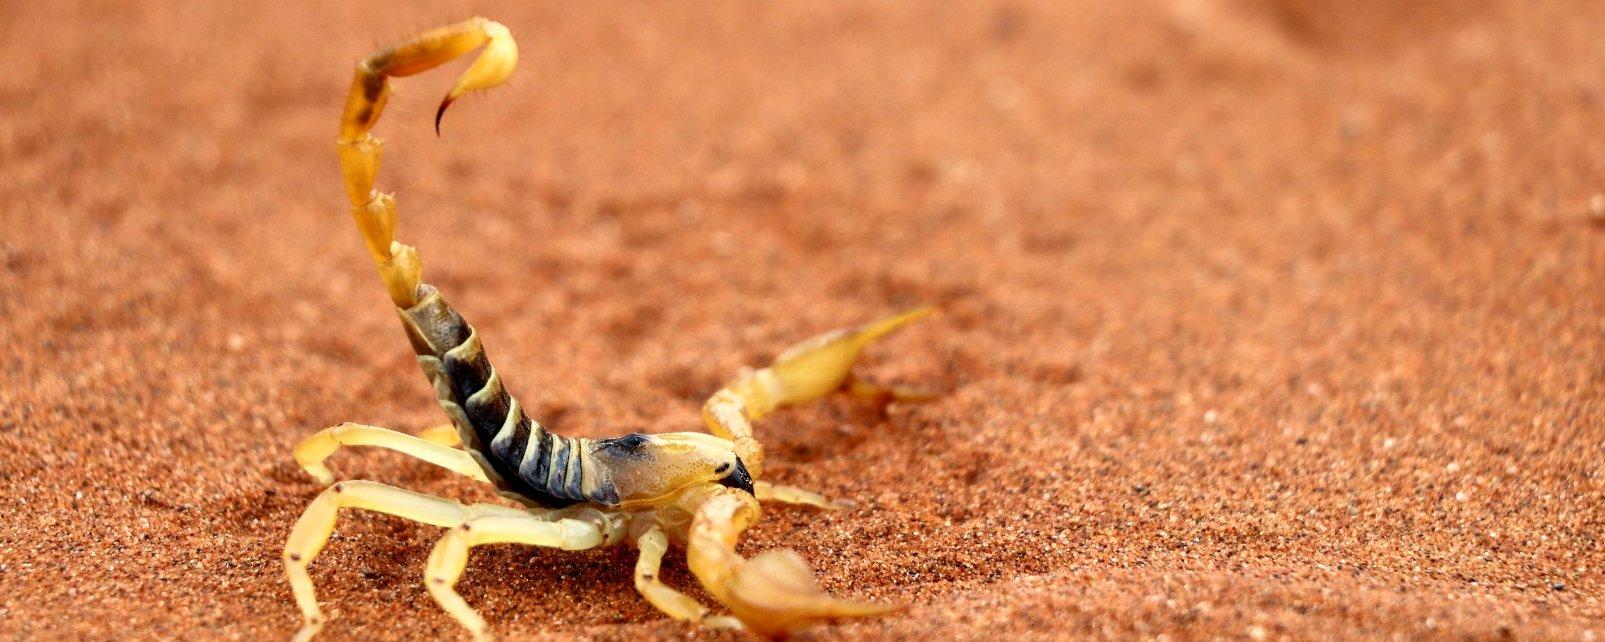 La faune et la flore, afrique, niger, désert, scorpion, sable, chaleur, arthropode, animal, faune